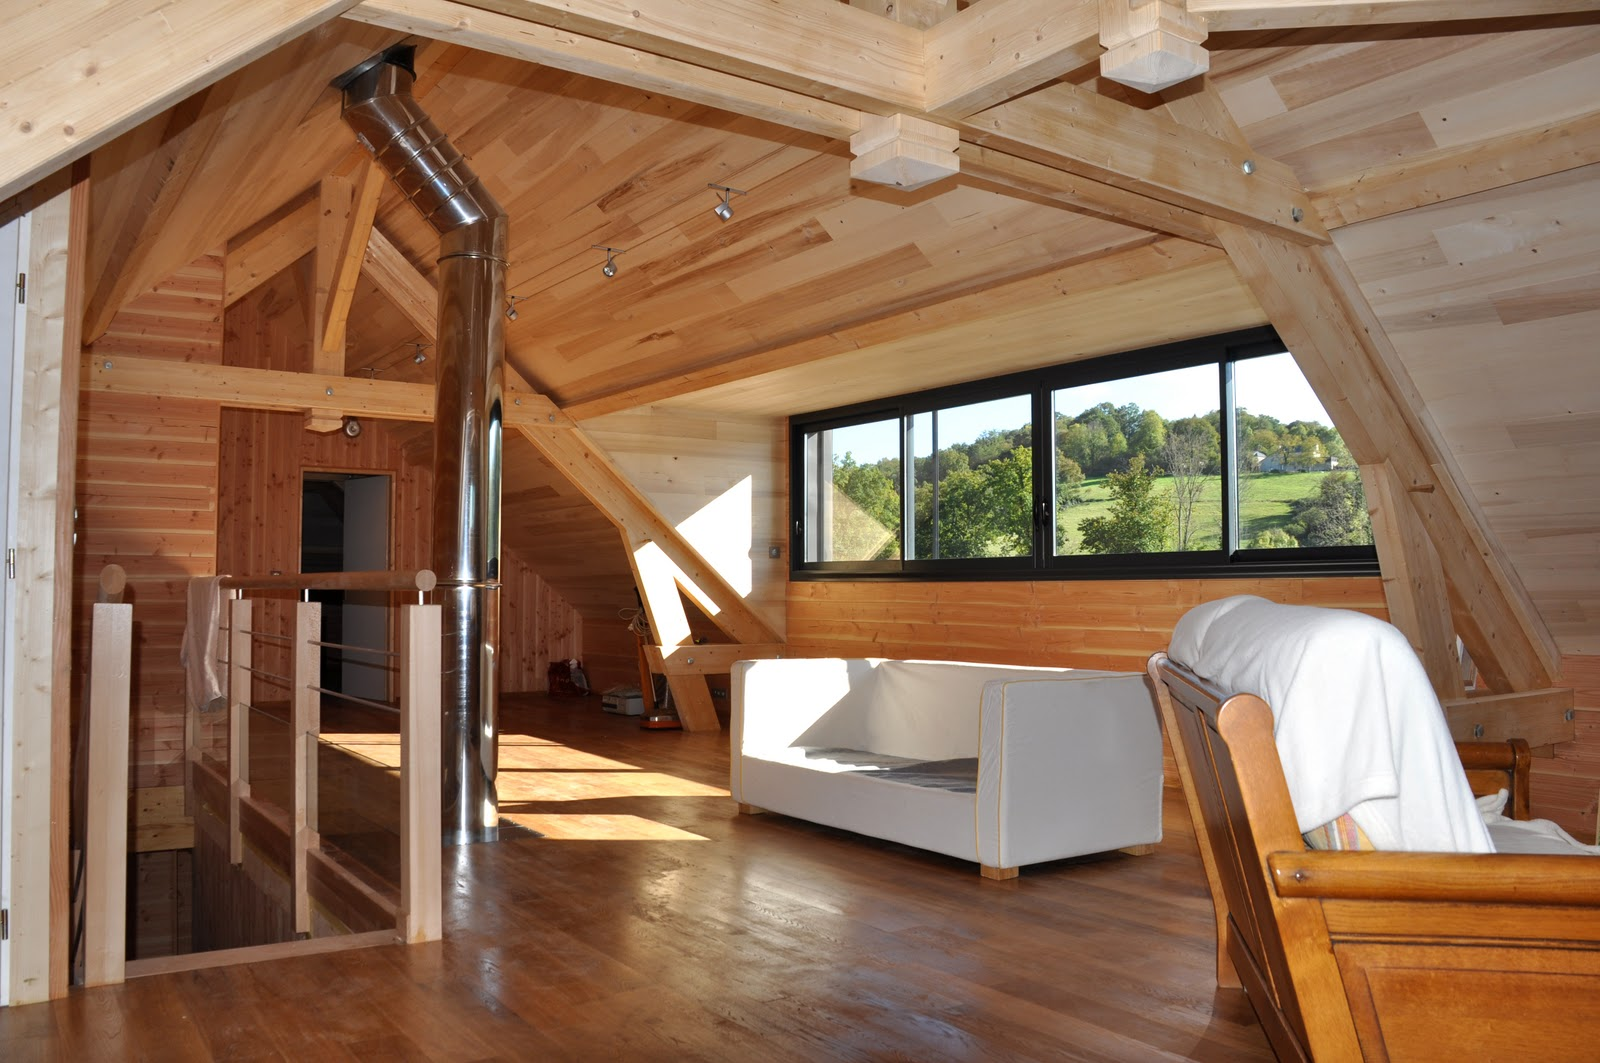 acta le blog des architectes pau maison bioclimatique en bois. Black Bedroom Furniture Sets. Home Design Ideas